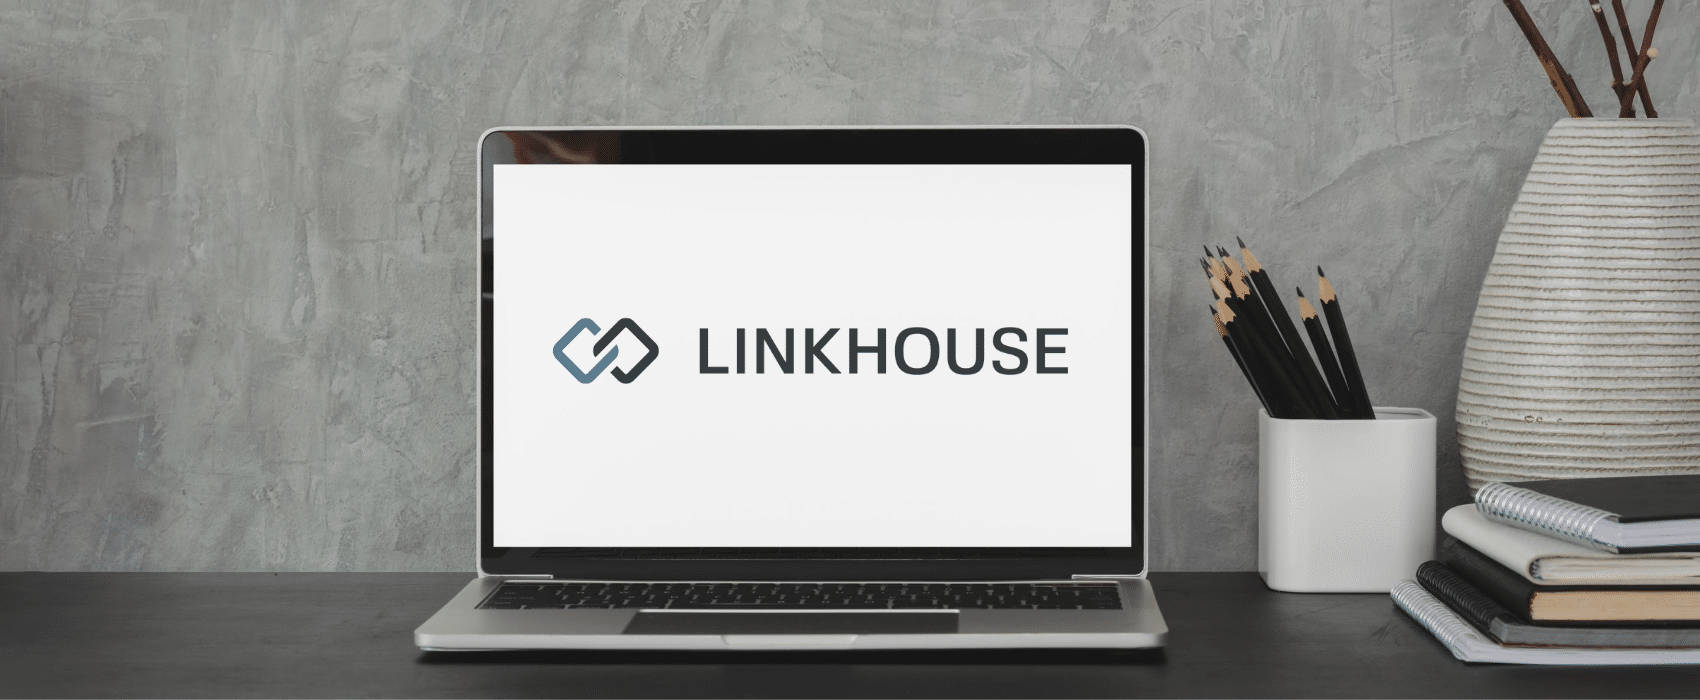 Linkhouse – pozyskuj linki skutecznie